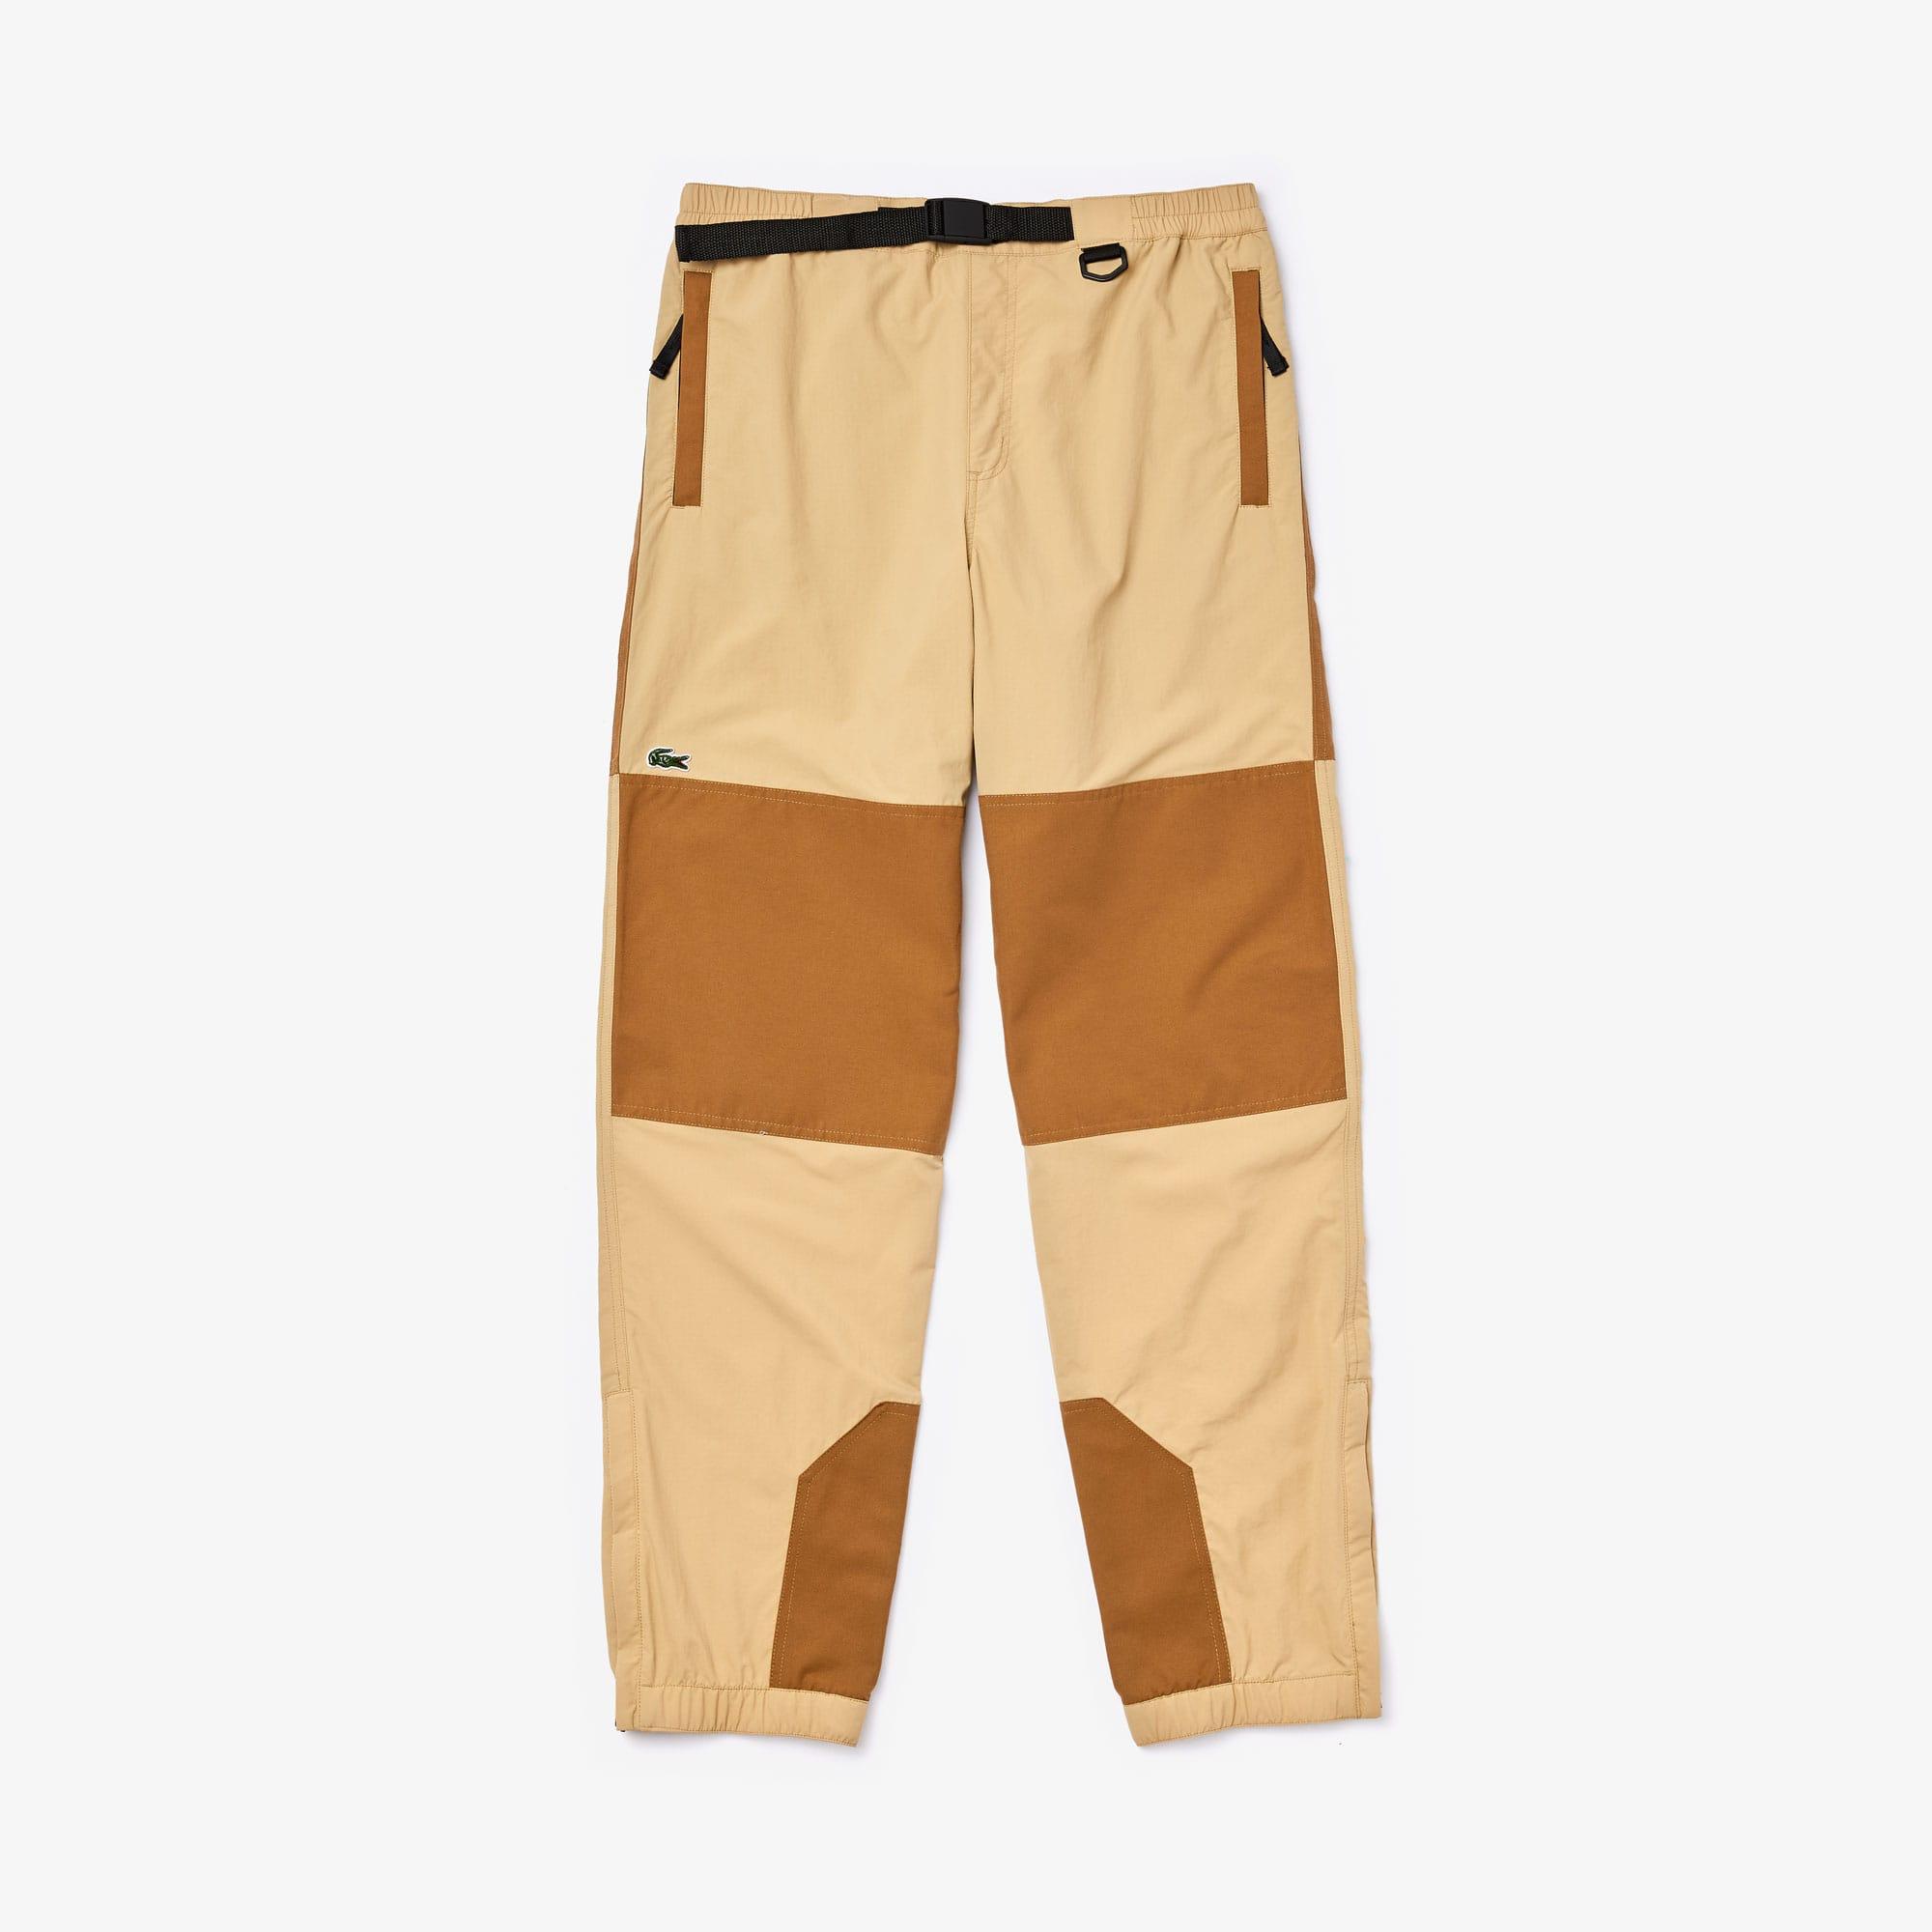 라코스테 라이브 투톤 트랙 팬츠 Lacoste Mens LIVE Two-Tone Track Pants,Beige / Brown